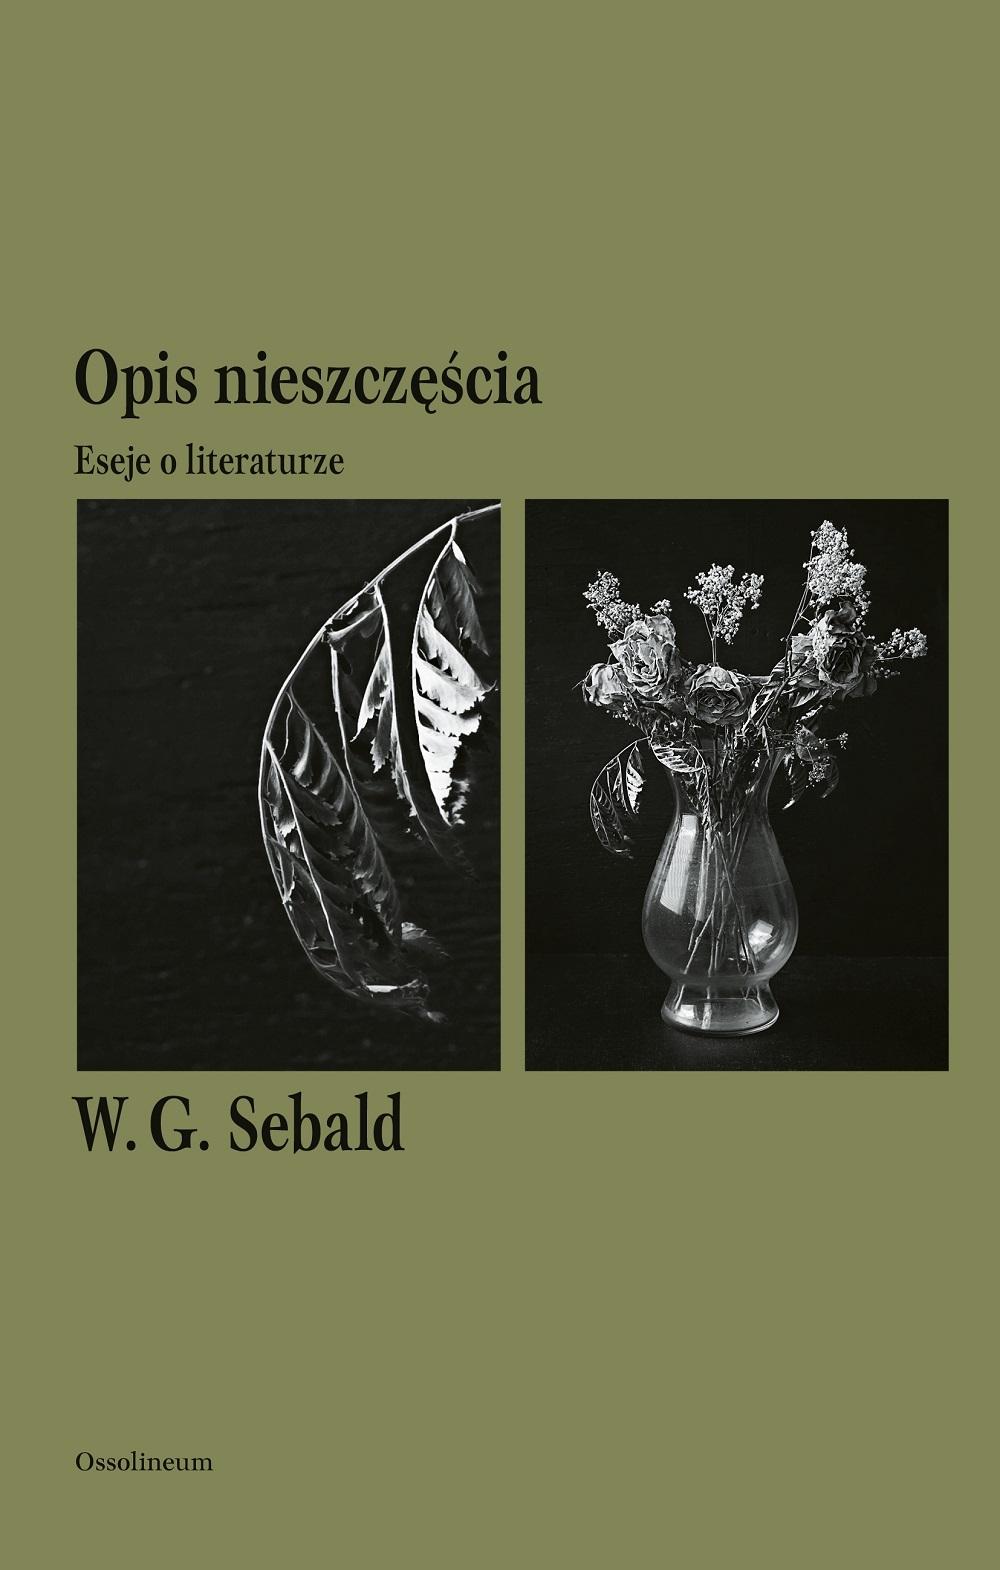 W.G. Sebald – Opis nieszczęścia. Eseje o literaturze